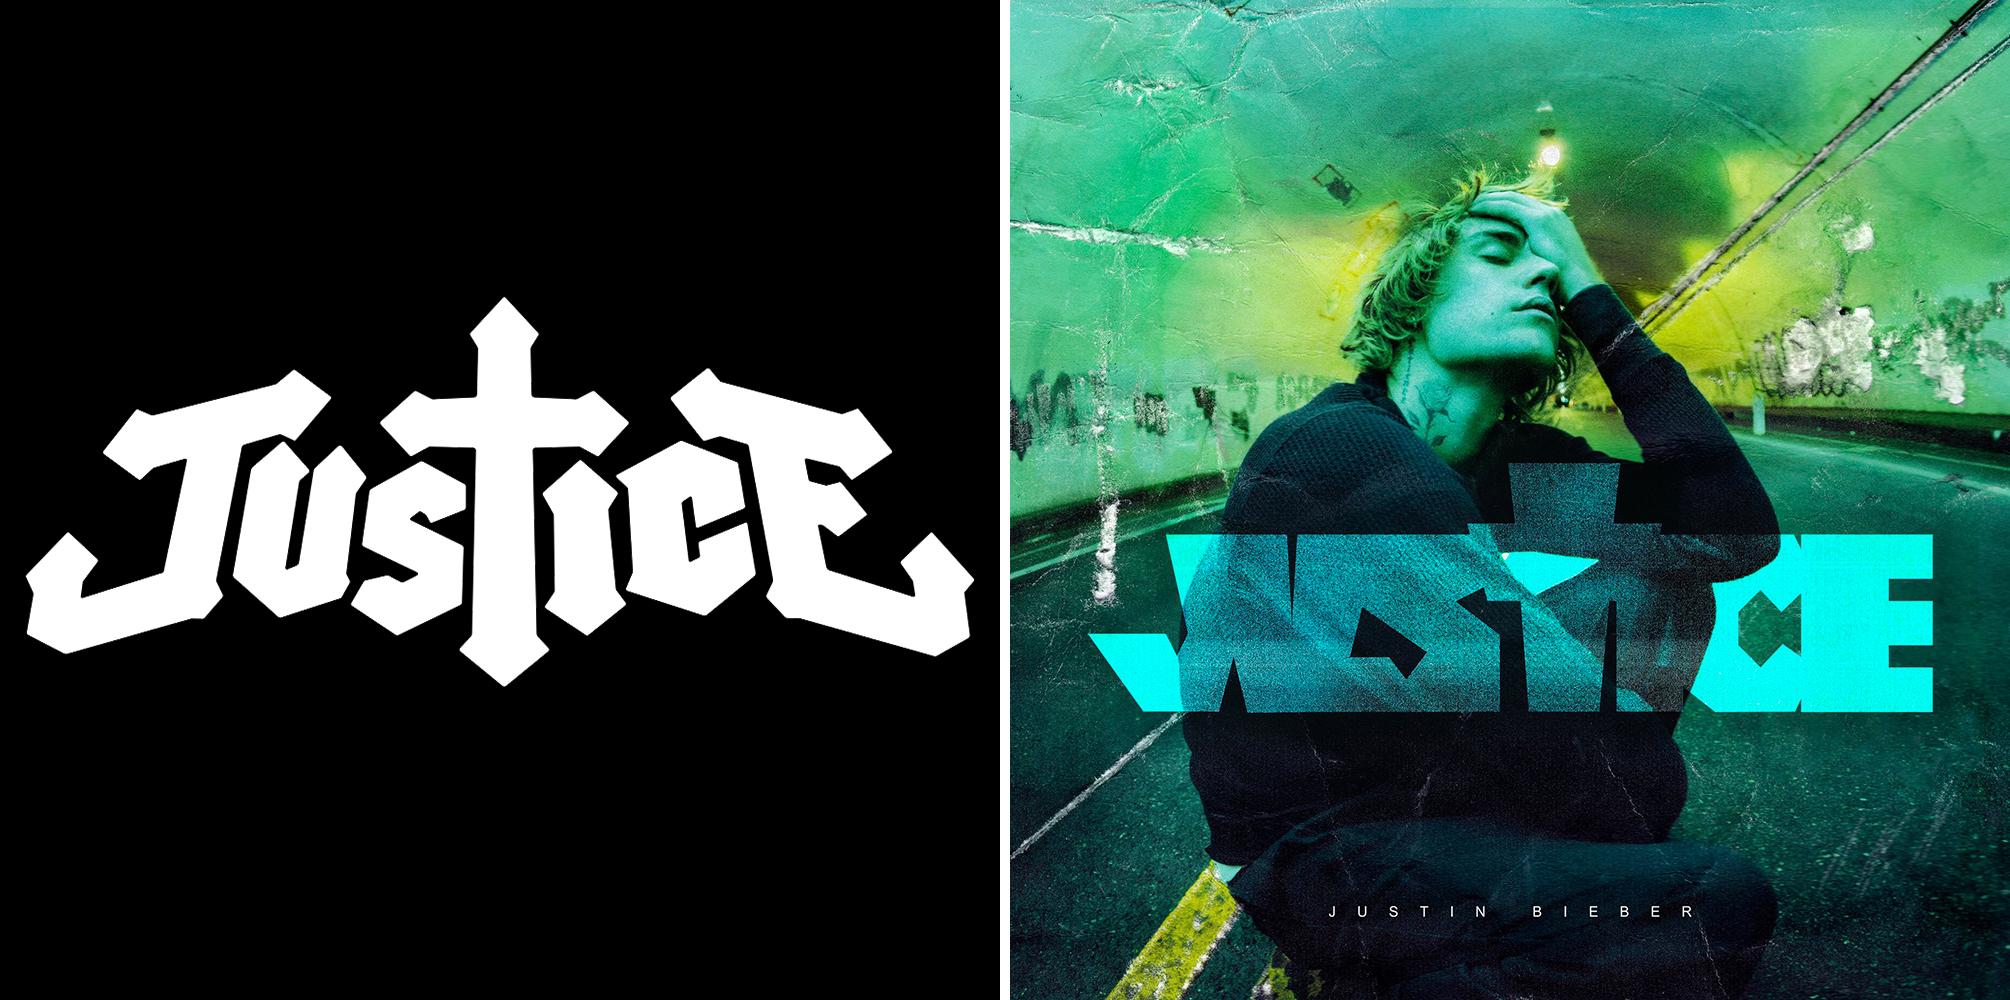 justice-vs-jb-justice-1616076353.jpg